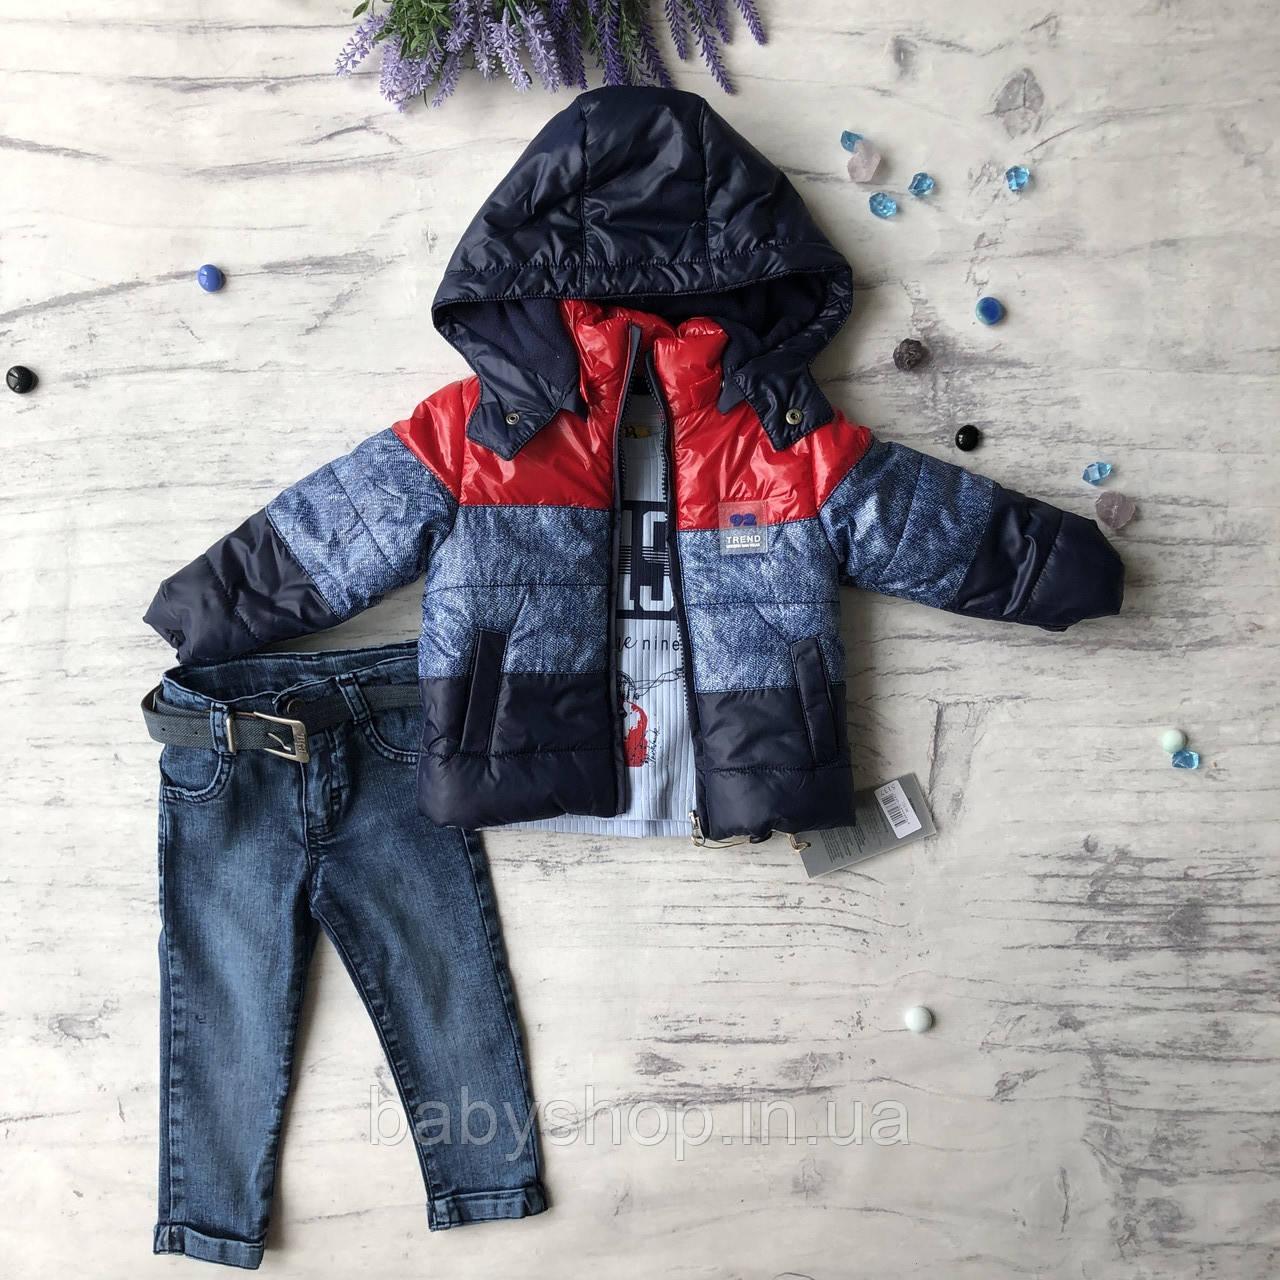 Костюм тройка на мальчика с курточкой 318. Размер 80 см,  92 см, 98 см